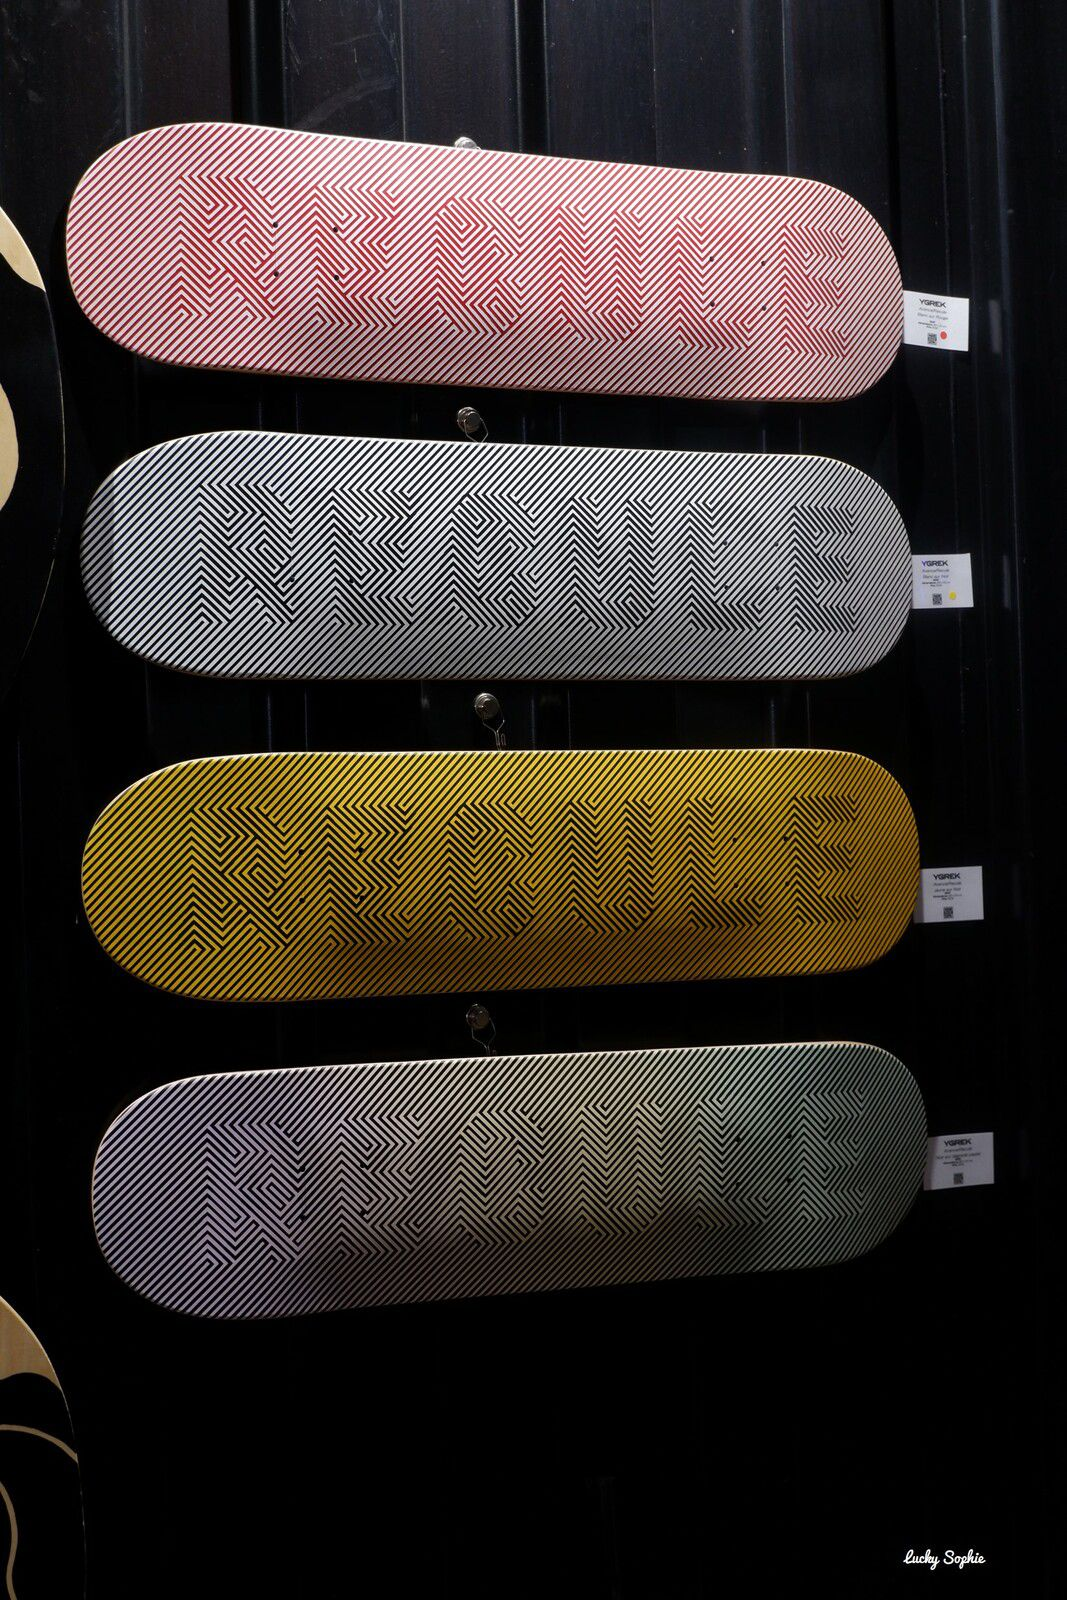 Les planches de skate d'Ygrek avec effet d'optique Avance / recule : bluffant !!